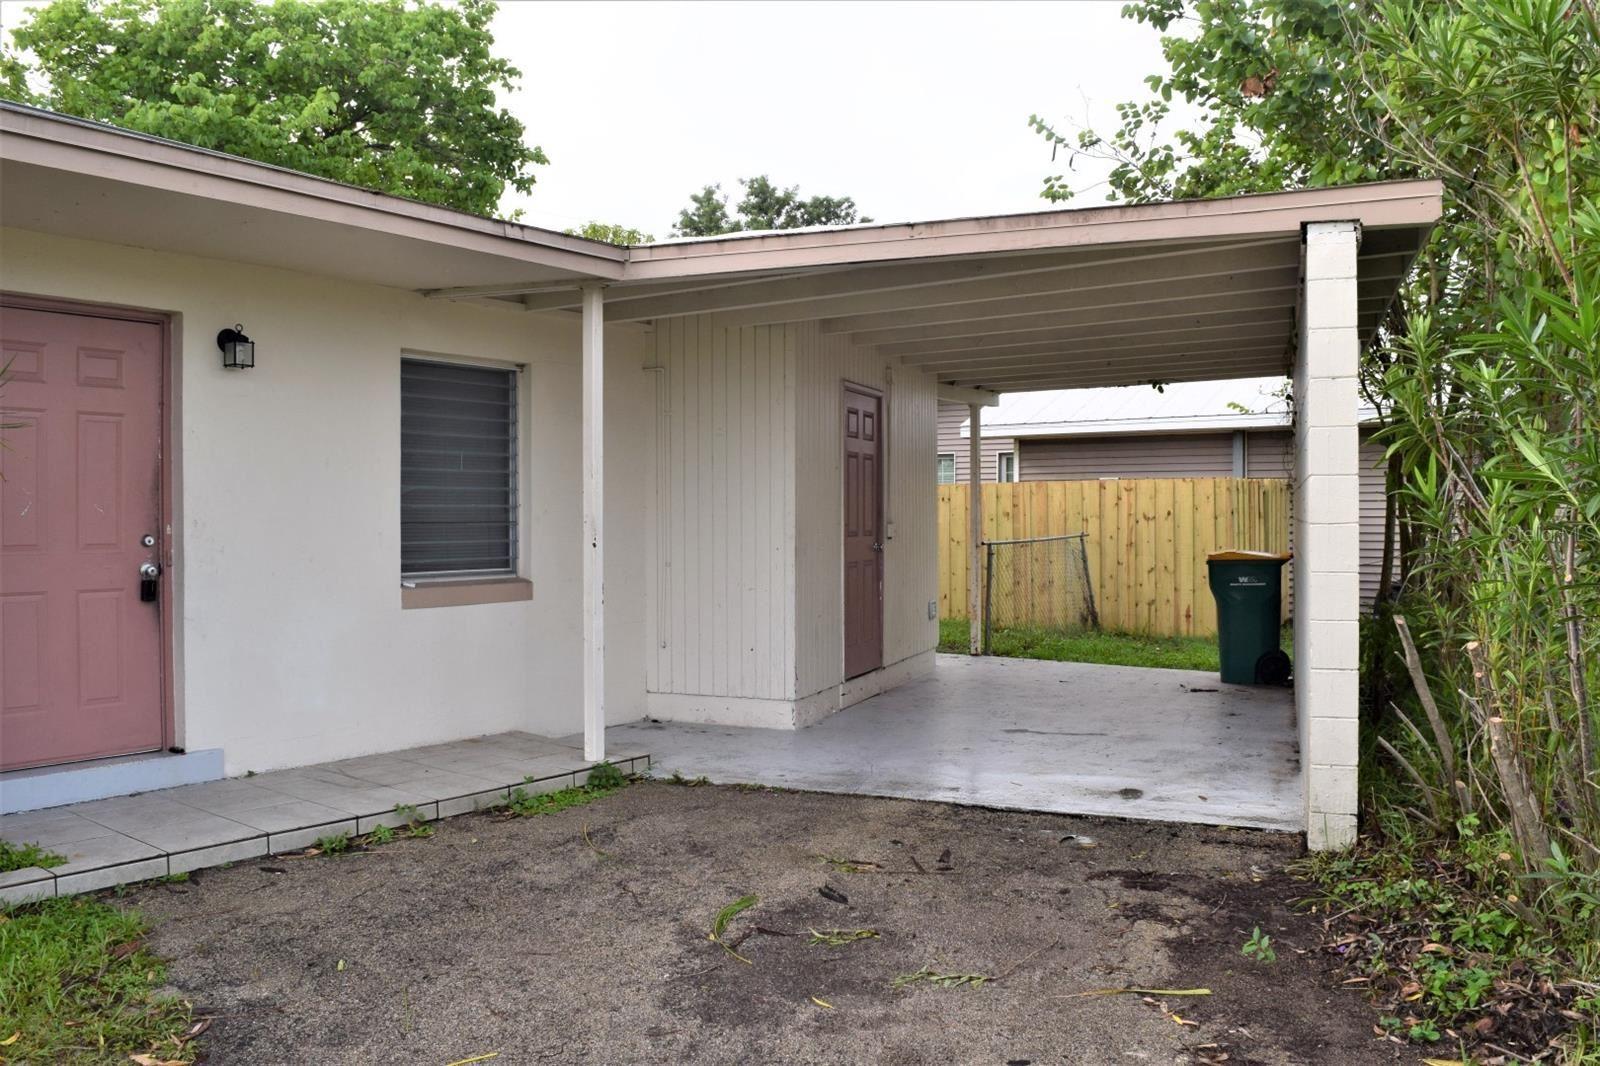 Photo of 2509 STARLITE LANE, PORT CHARLOTTE, FL 33952 (MLS # A4507208)